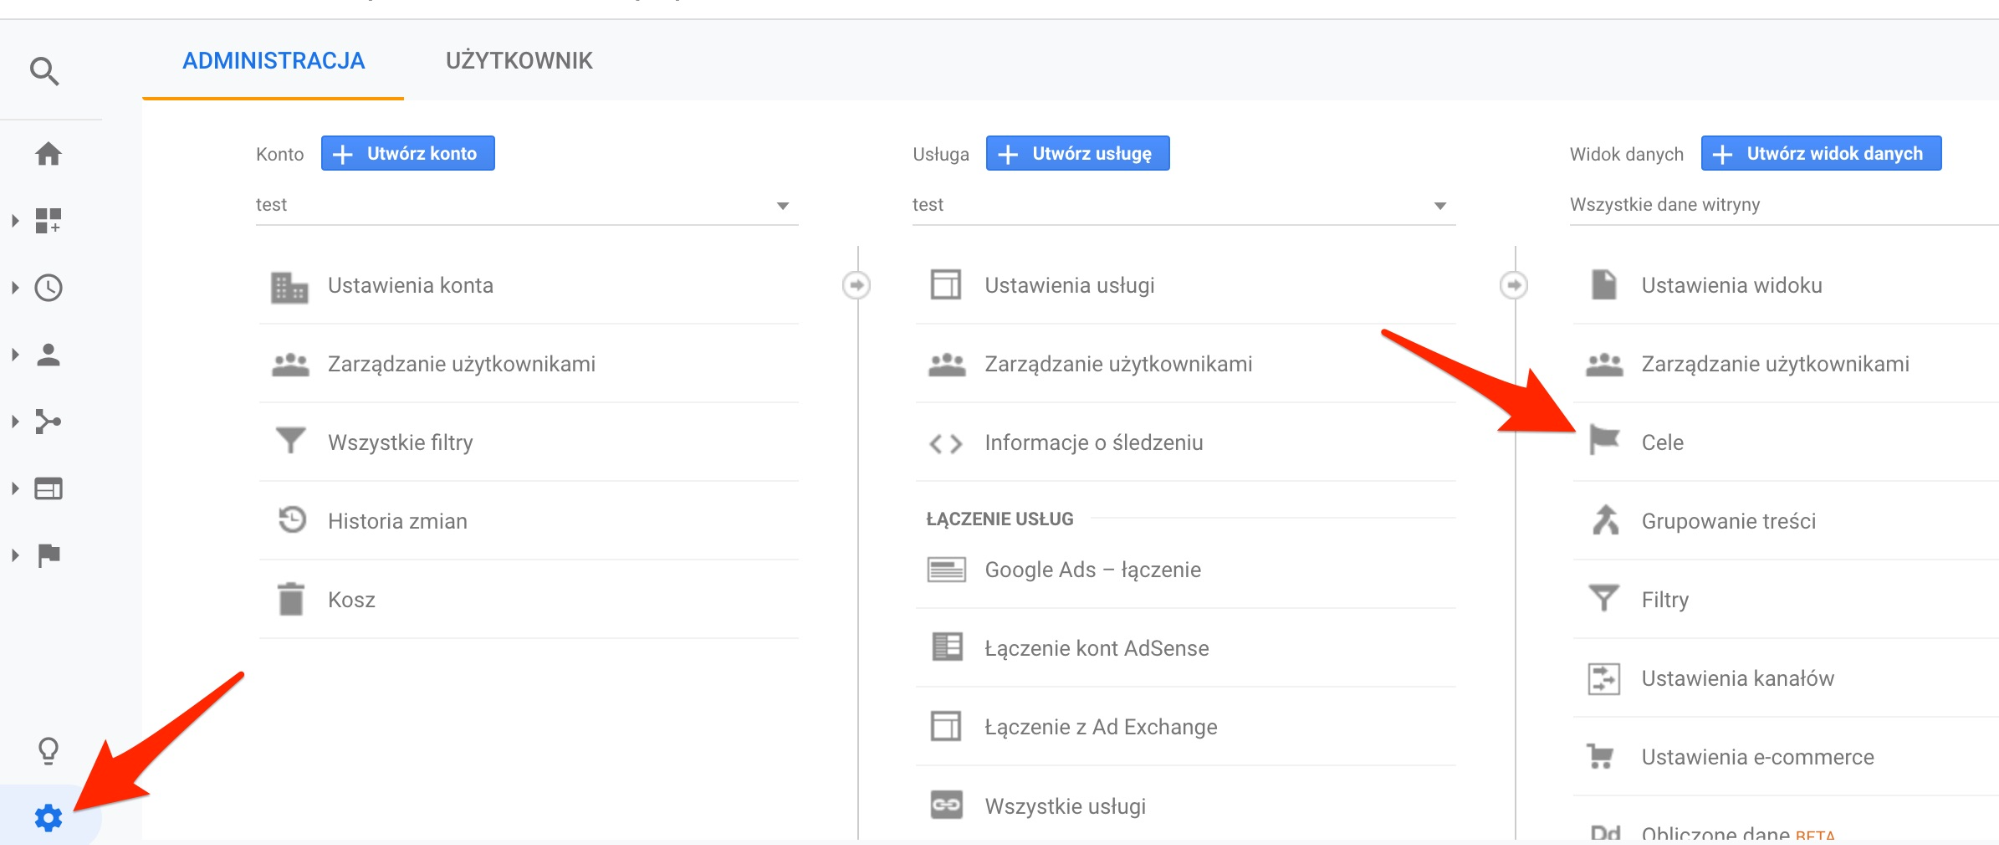 Gdzie tworzyć cele w Google Analytics